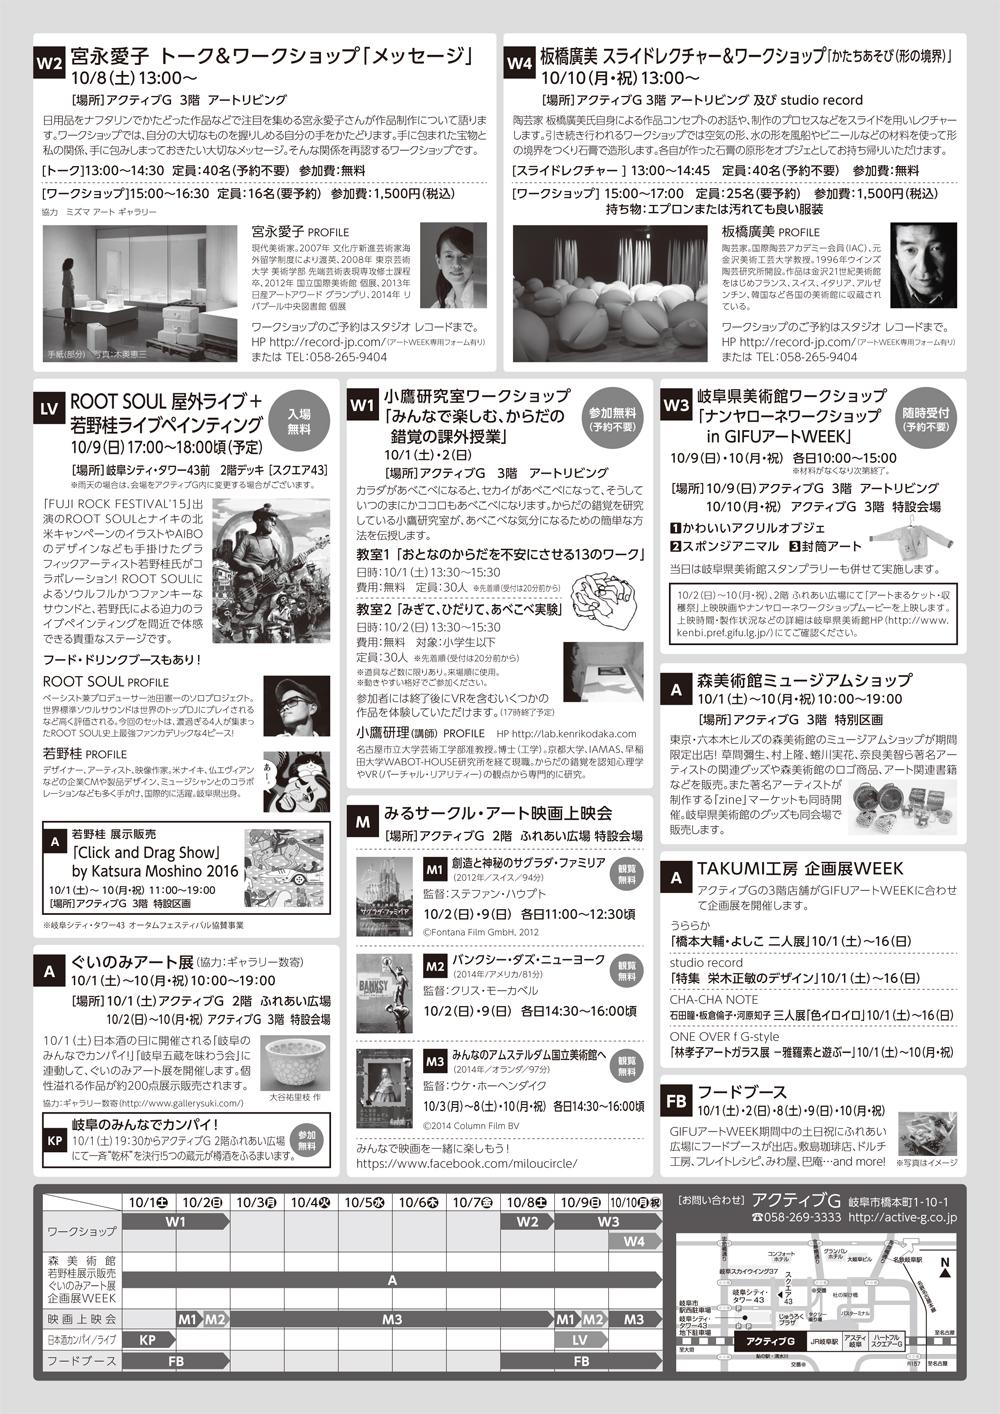 http://www.record-jp.com/news/entry_images/%E3%82%A2%E3%83%BC%E3%83%88WEEK%E3%83%81%E3%83%A9%E3%82%B7%E8%A3%8Flas.jpg